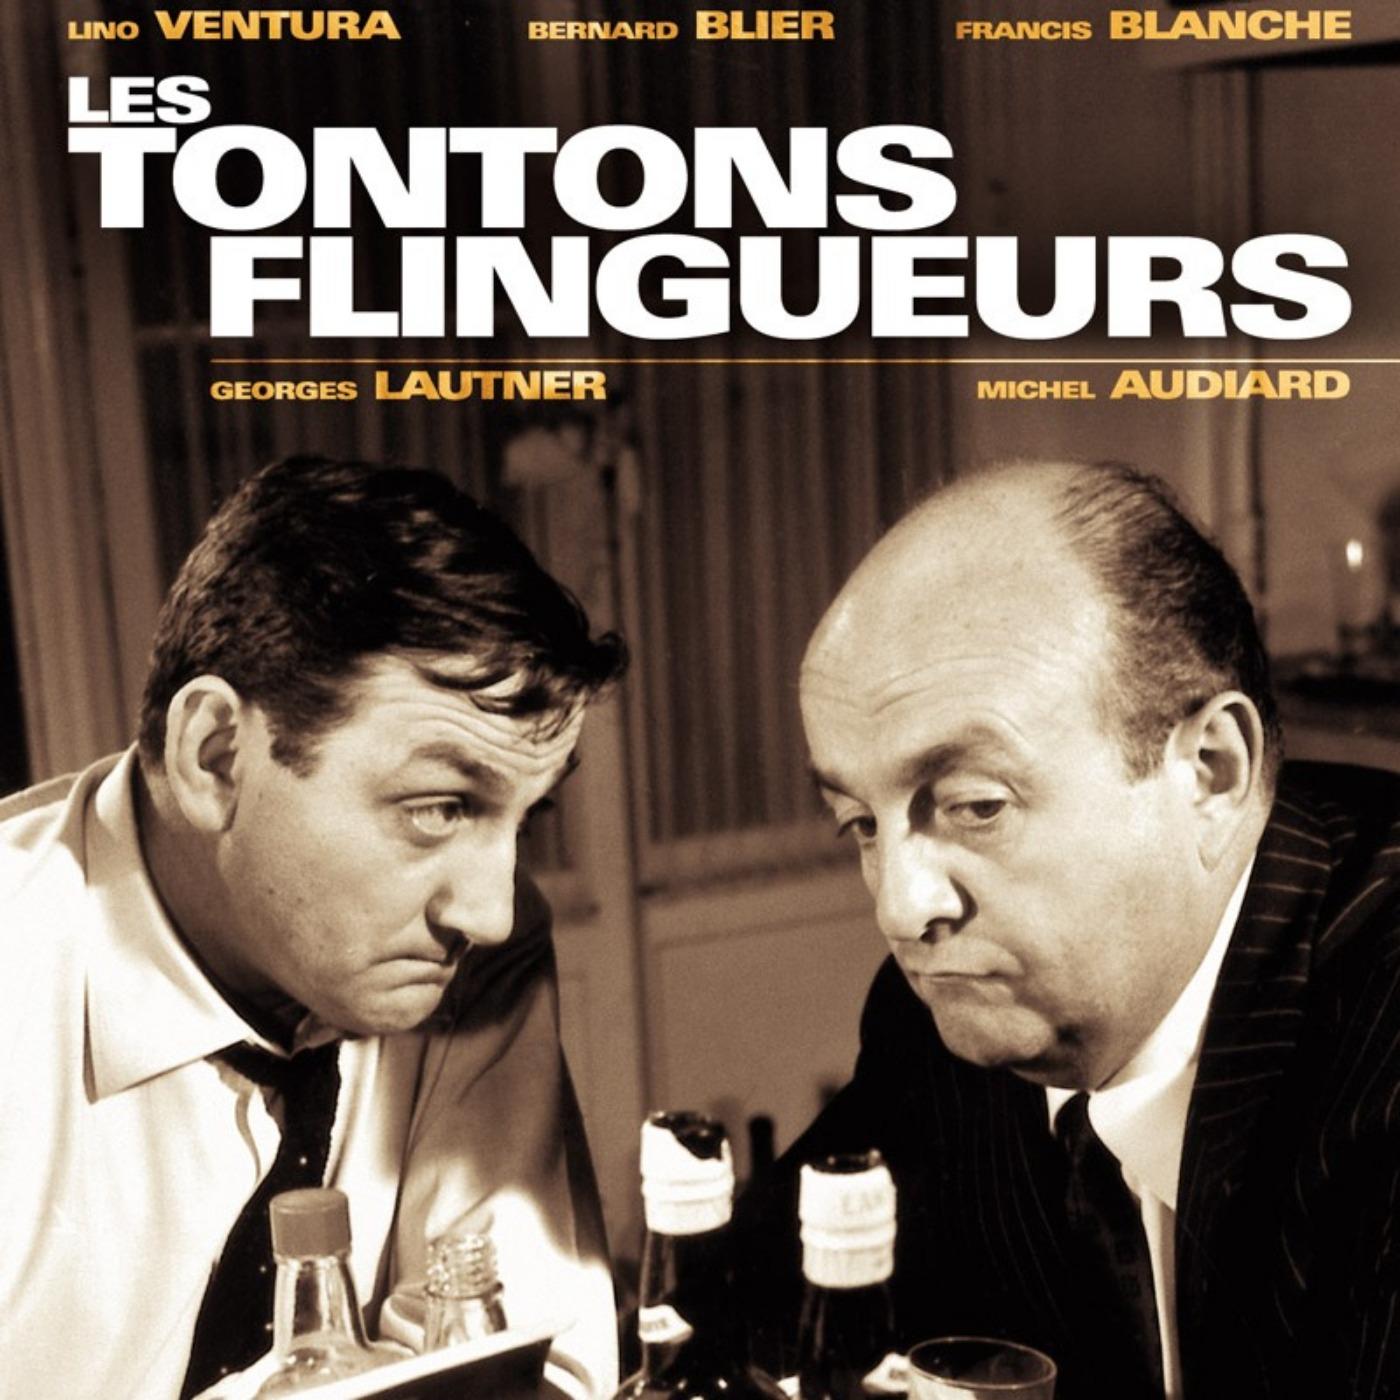 CINEMA | film LES TONTONS FLINGUEURS | CinéMaRadio